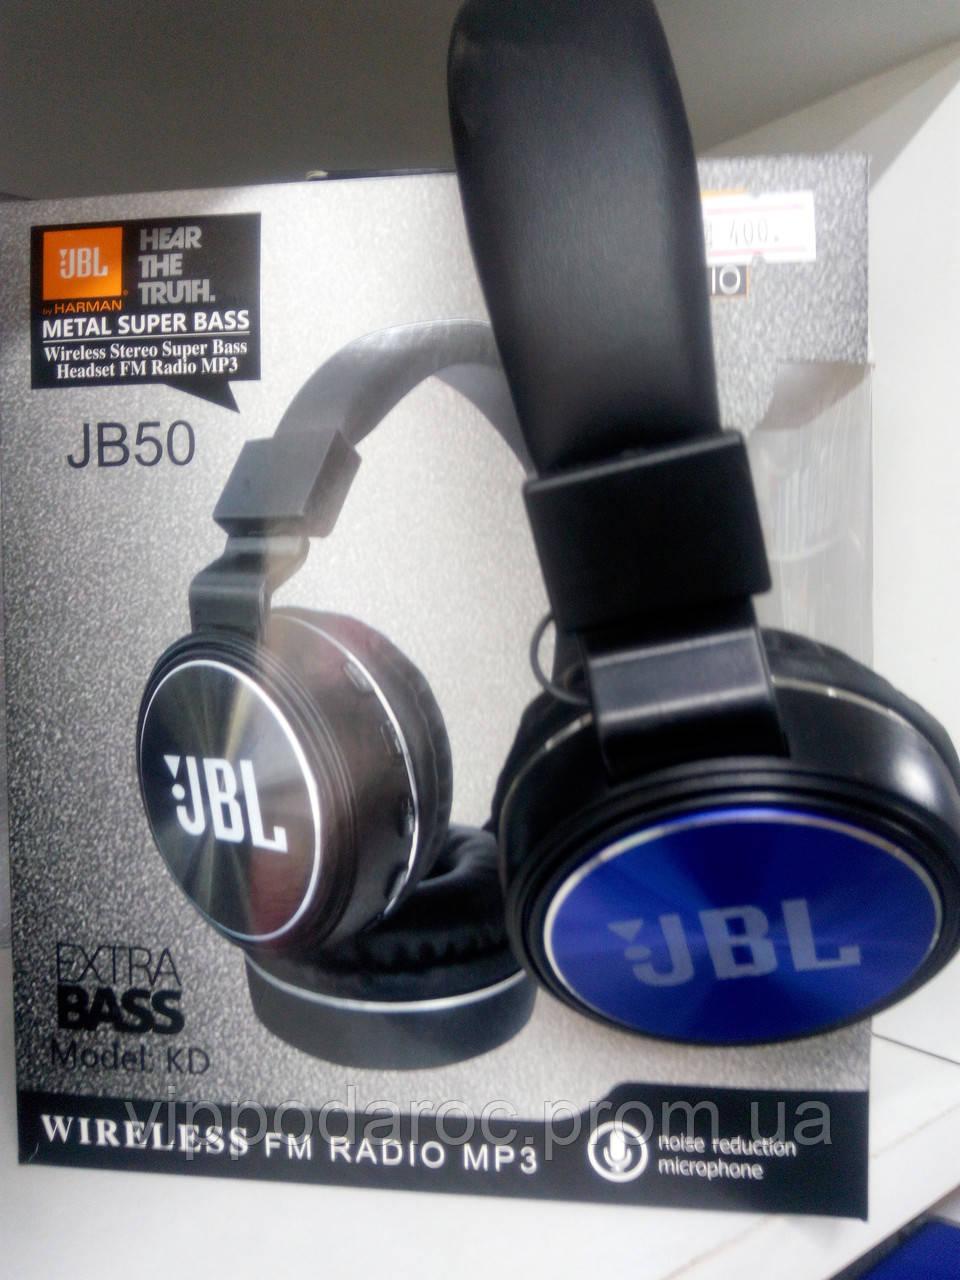 Наушники JBL JB50 bluetooth 60 Джибиель Оriginal sizeНаушники беспроводные  Блютуз наушники Bluetooth наушники dacd7e764ce54